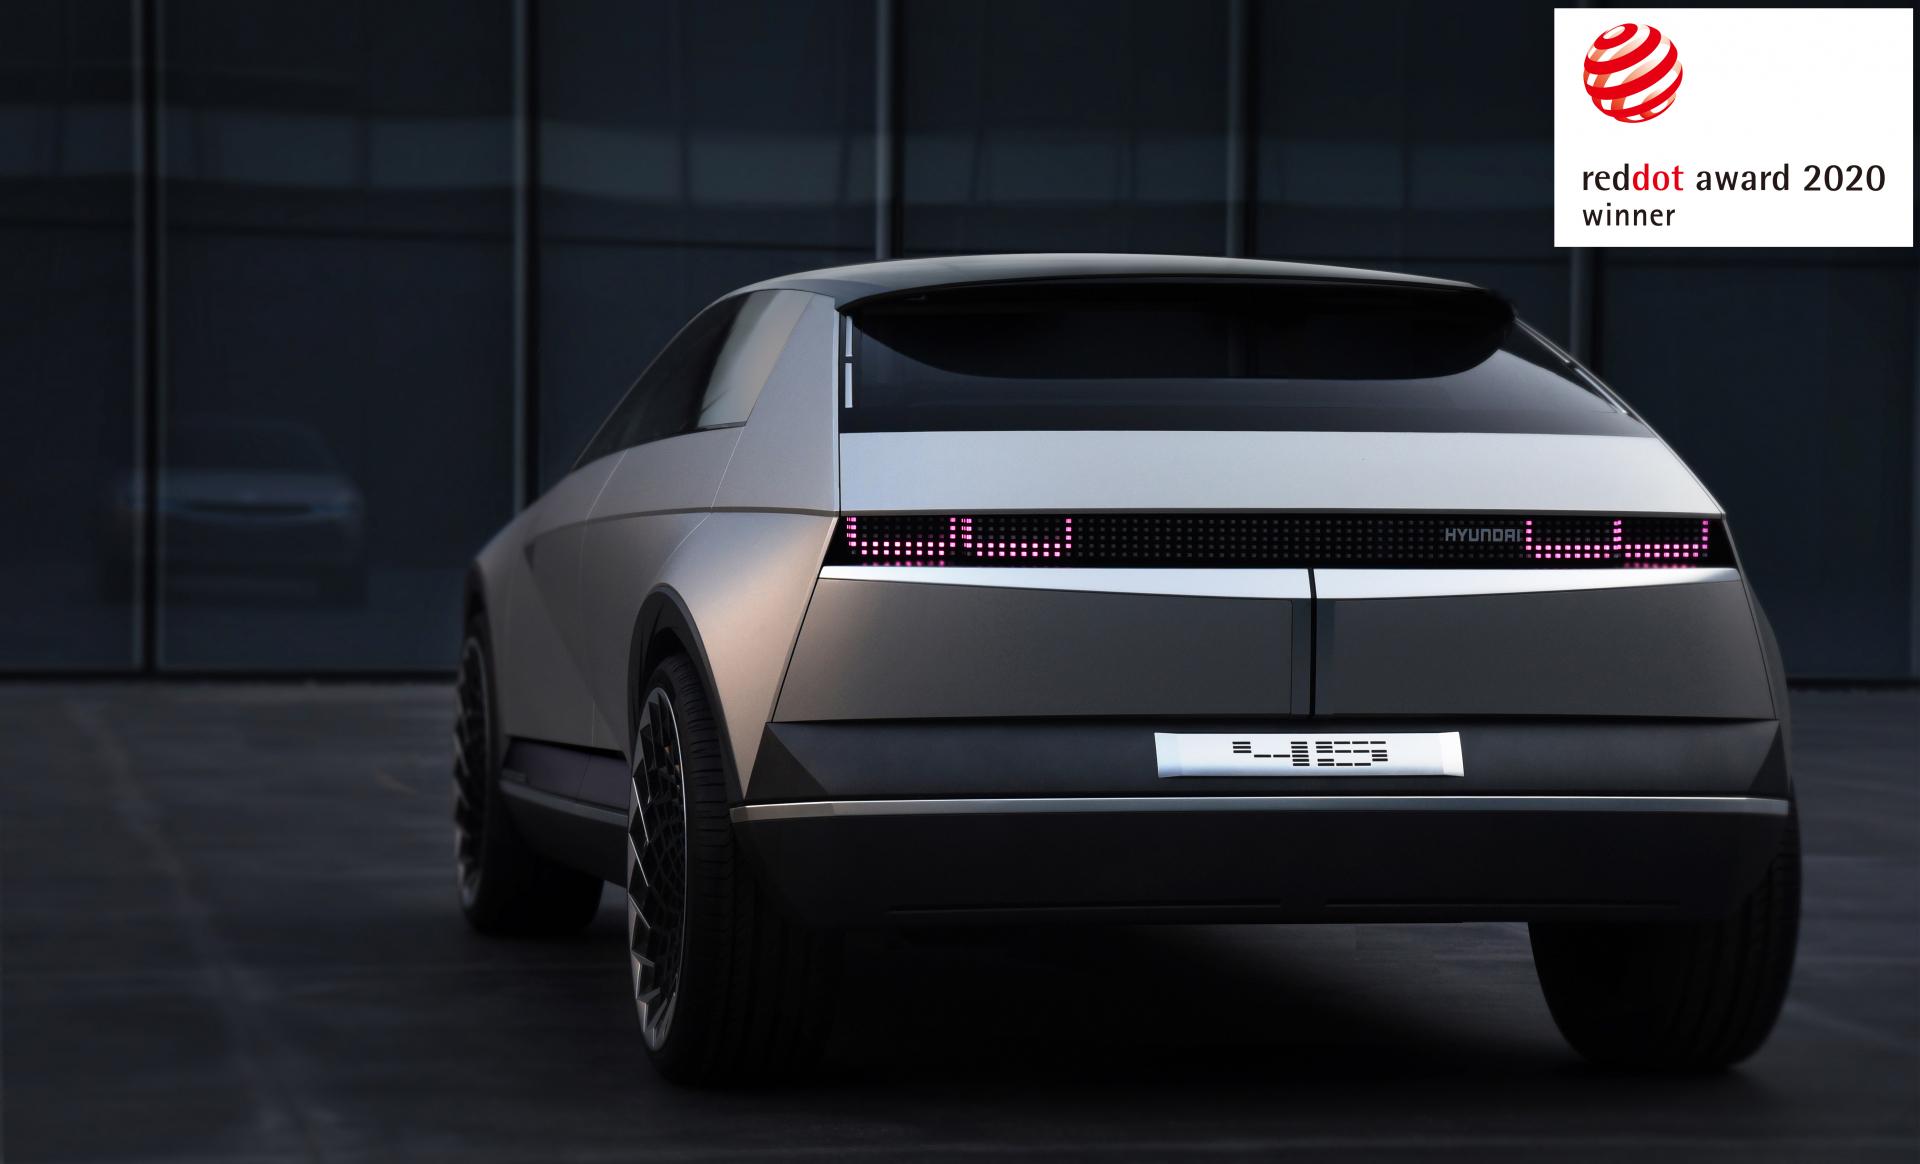 Компанія Hyundai Motor отримала три нагороди Red Dot Award 2020 за концептуальний дизайн | ТОВ «АлексСхід» - фото 10